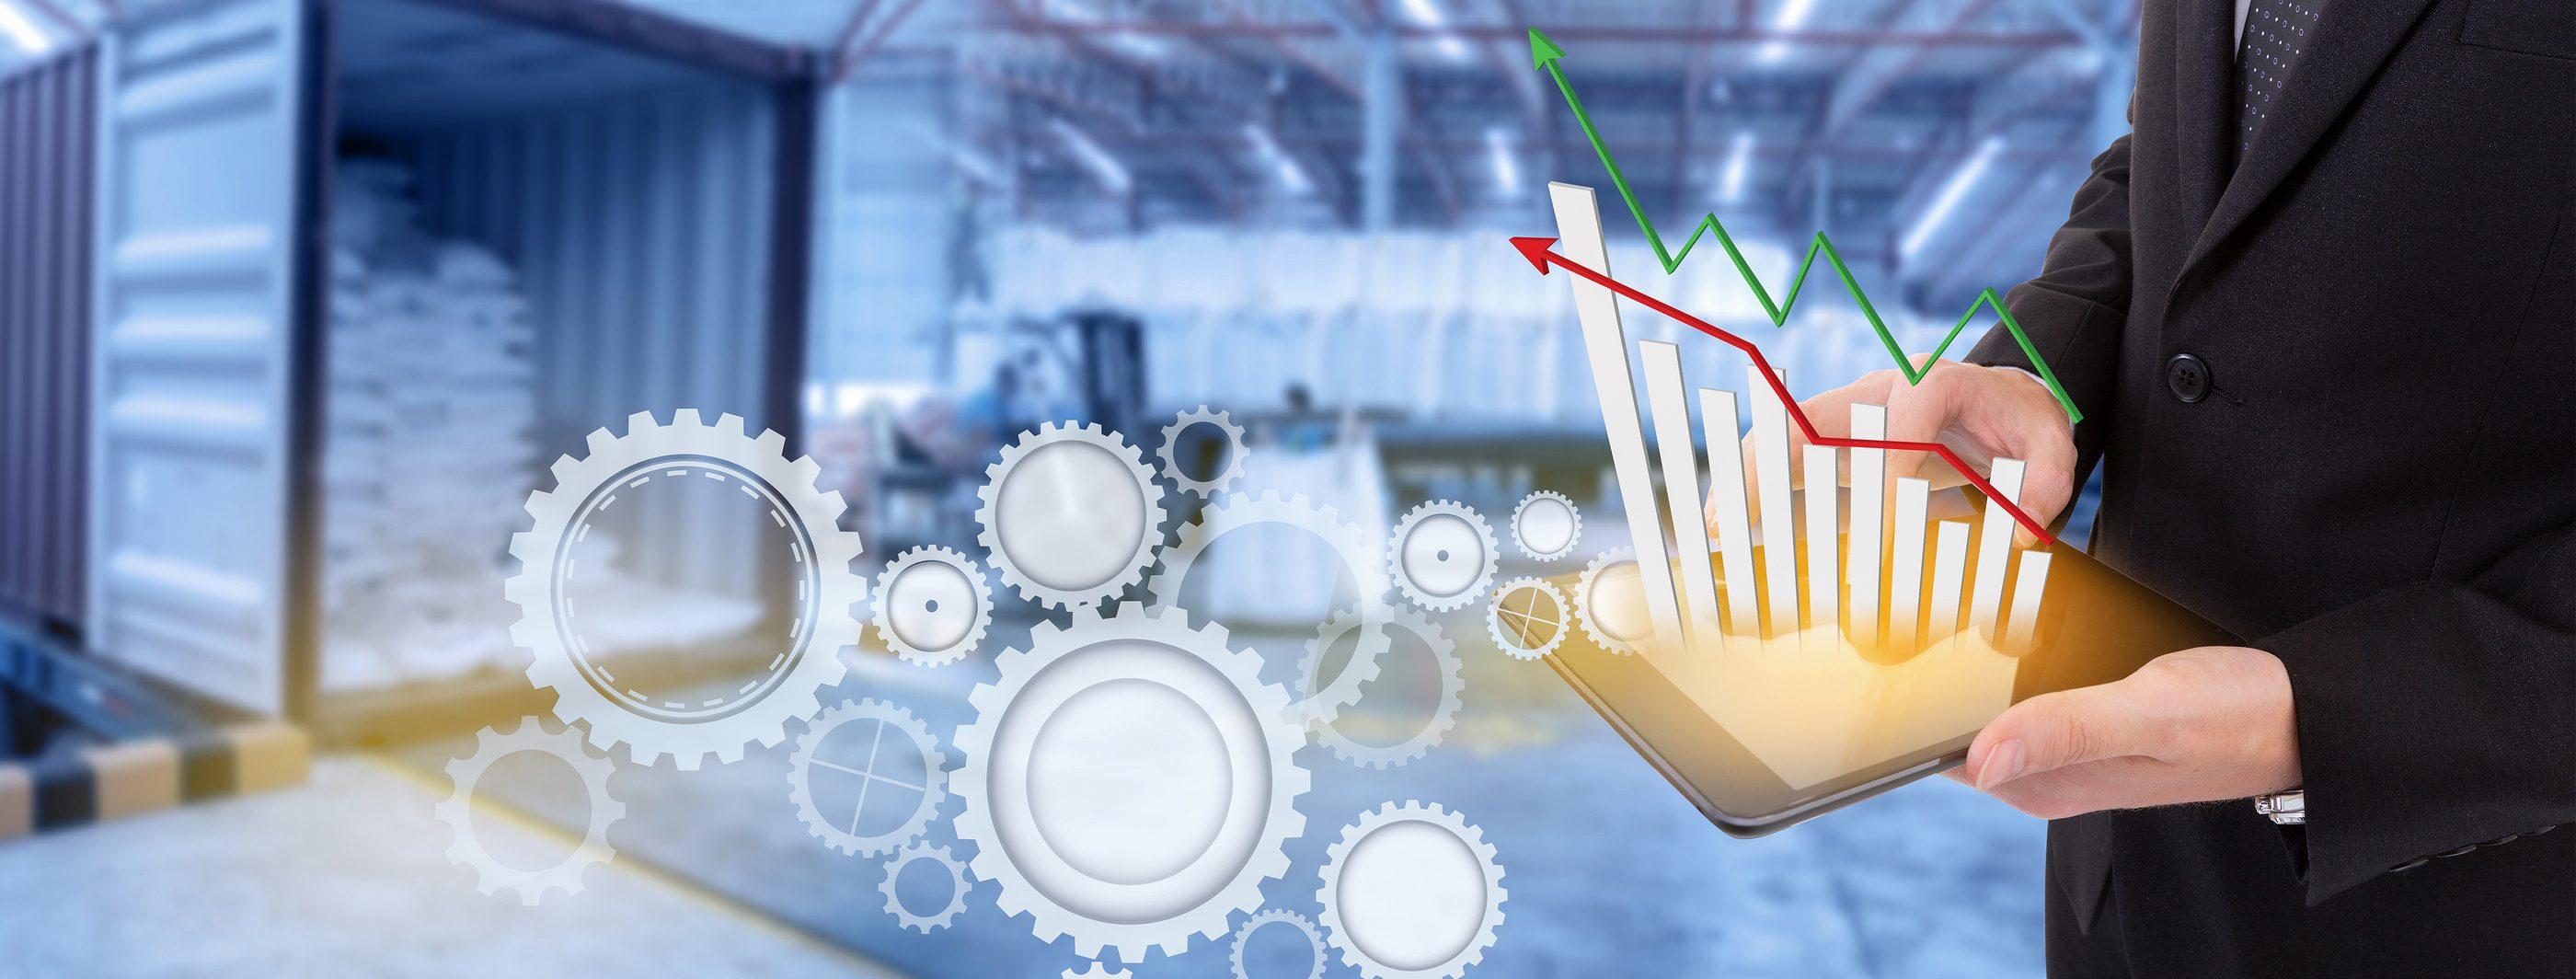 Gestão de Fornecedores: quais os benefícios?